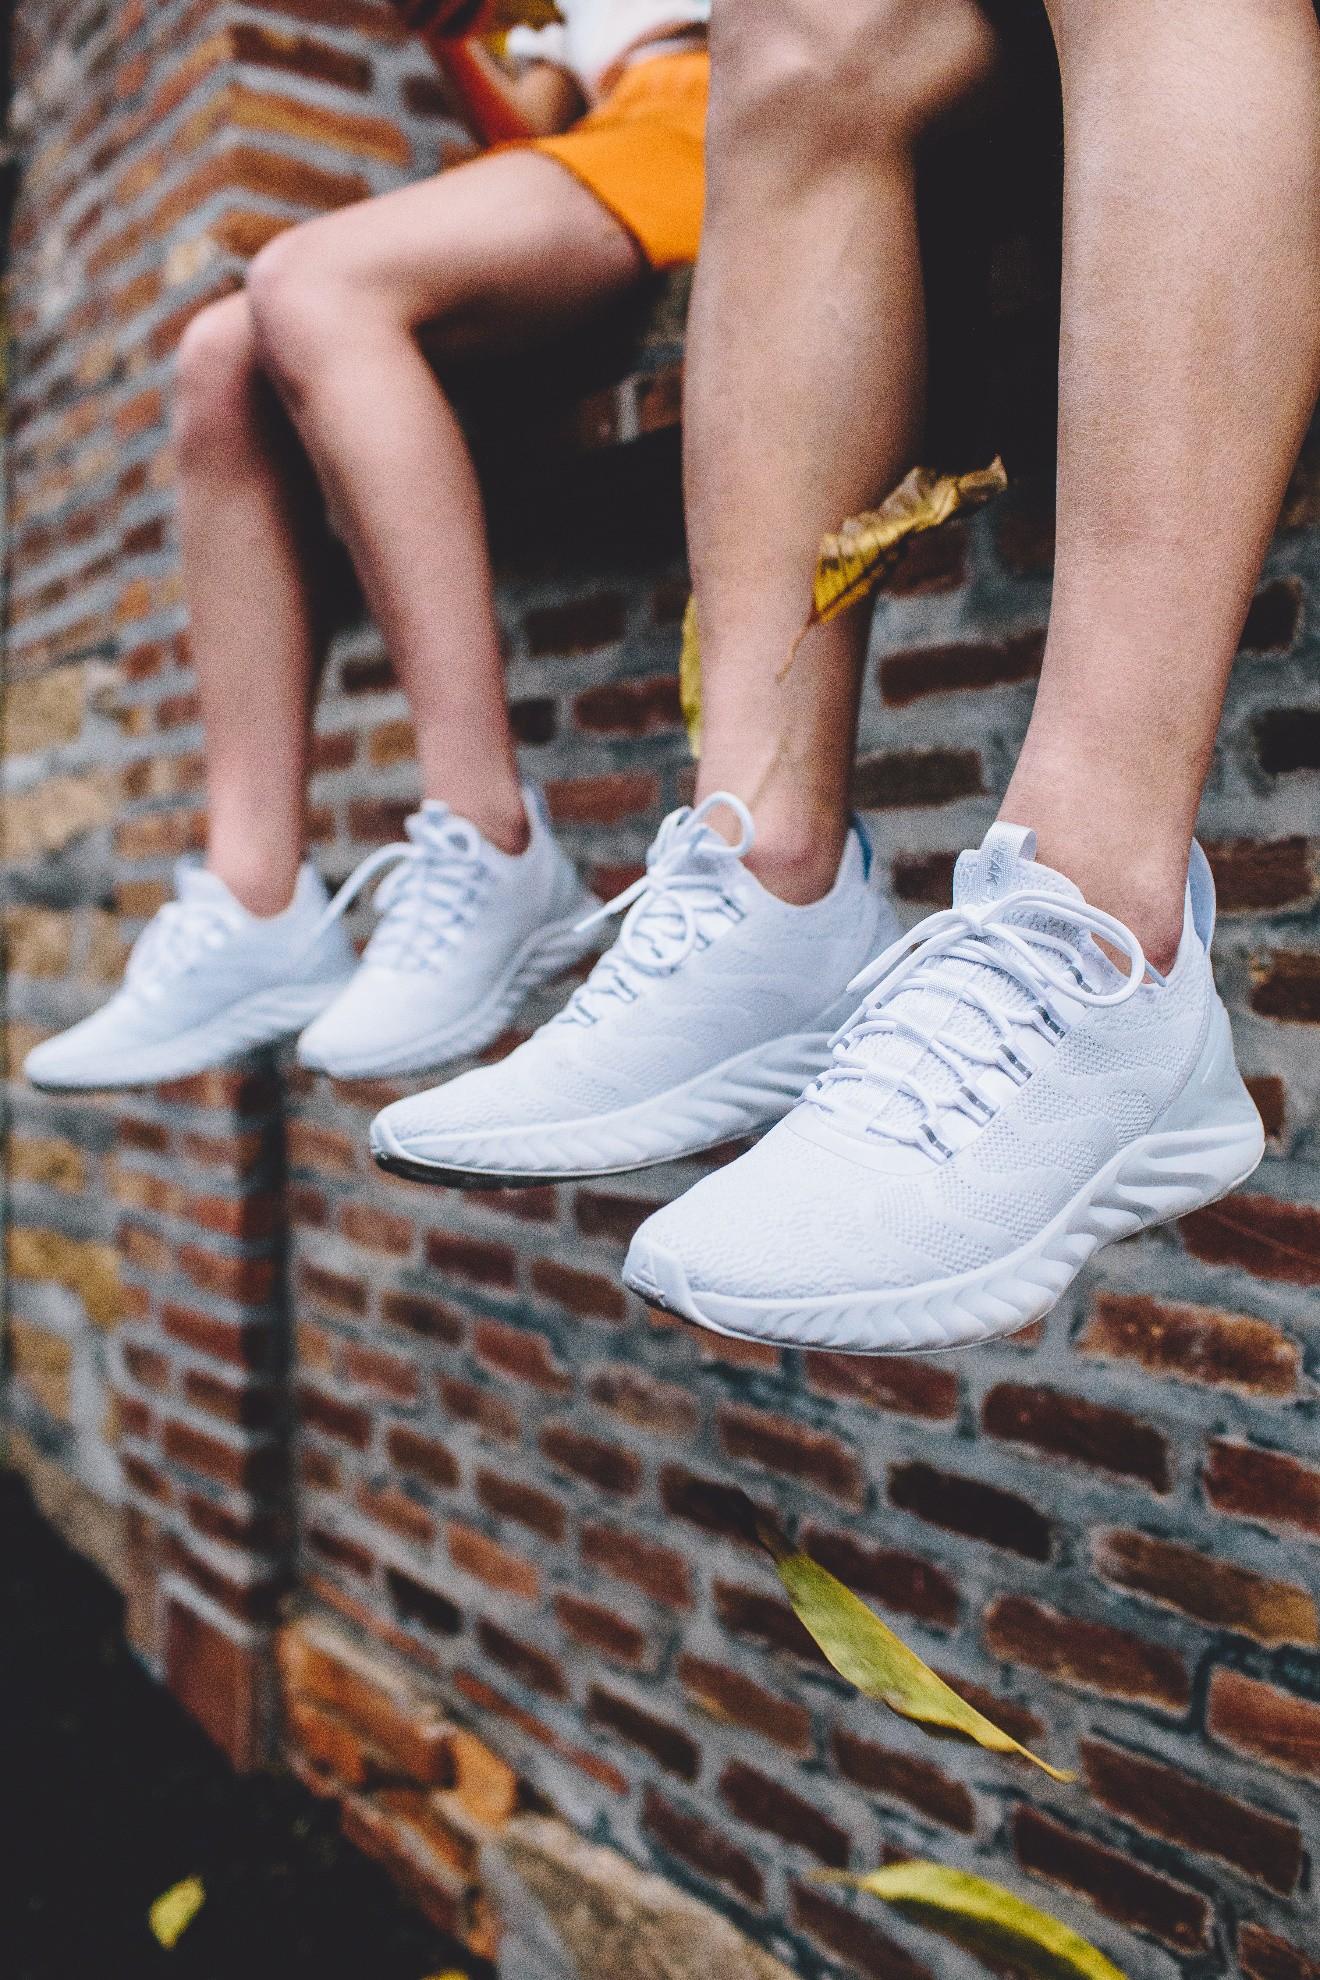 PEAK Sport ra mắt phiên bản giày chạy mới nhất tại Hà Nội và TP.HCM - Hình 9